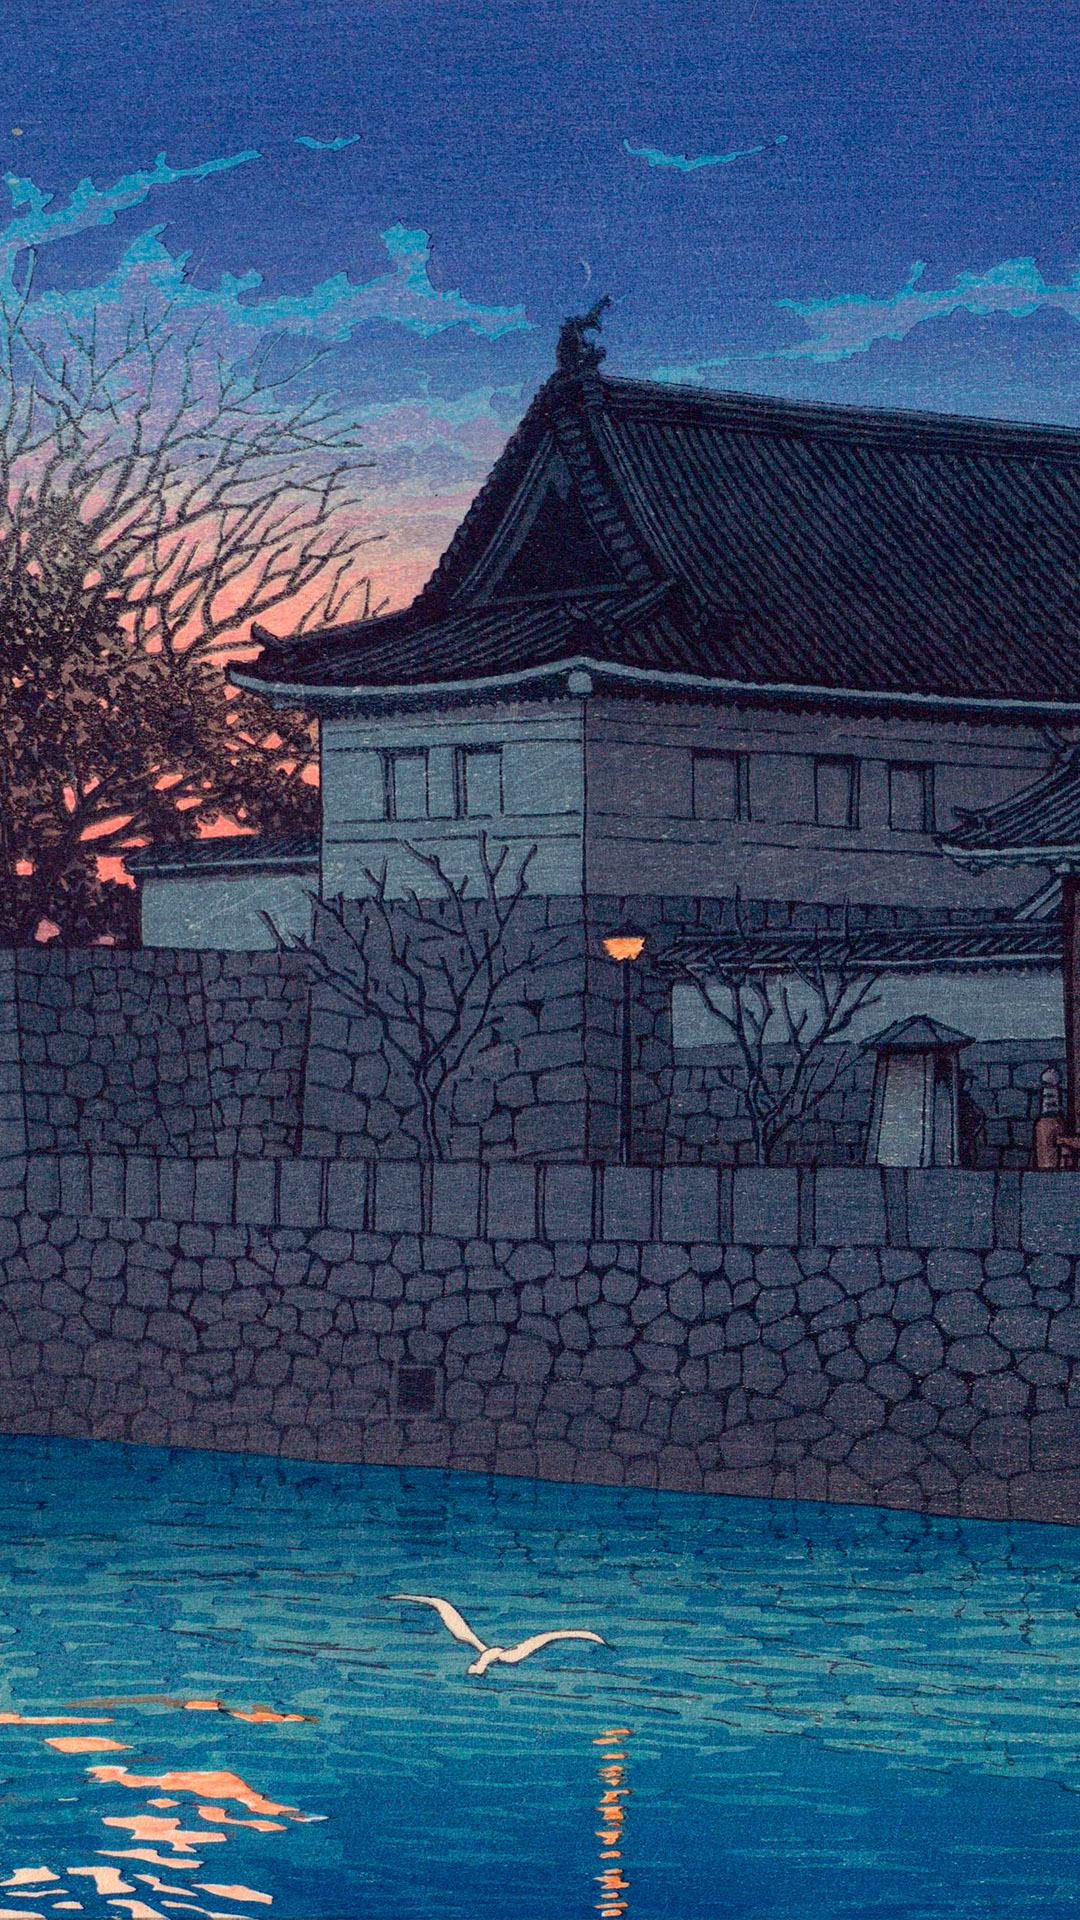 Kawase Hasui- Tokyo20kei hirakawa mon 1080x1920